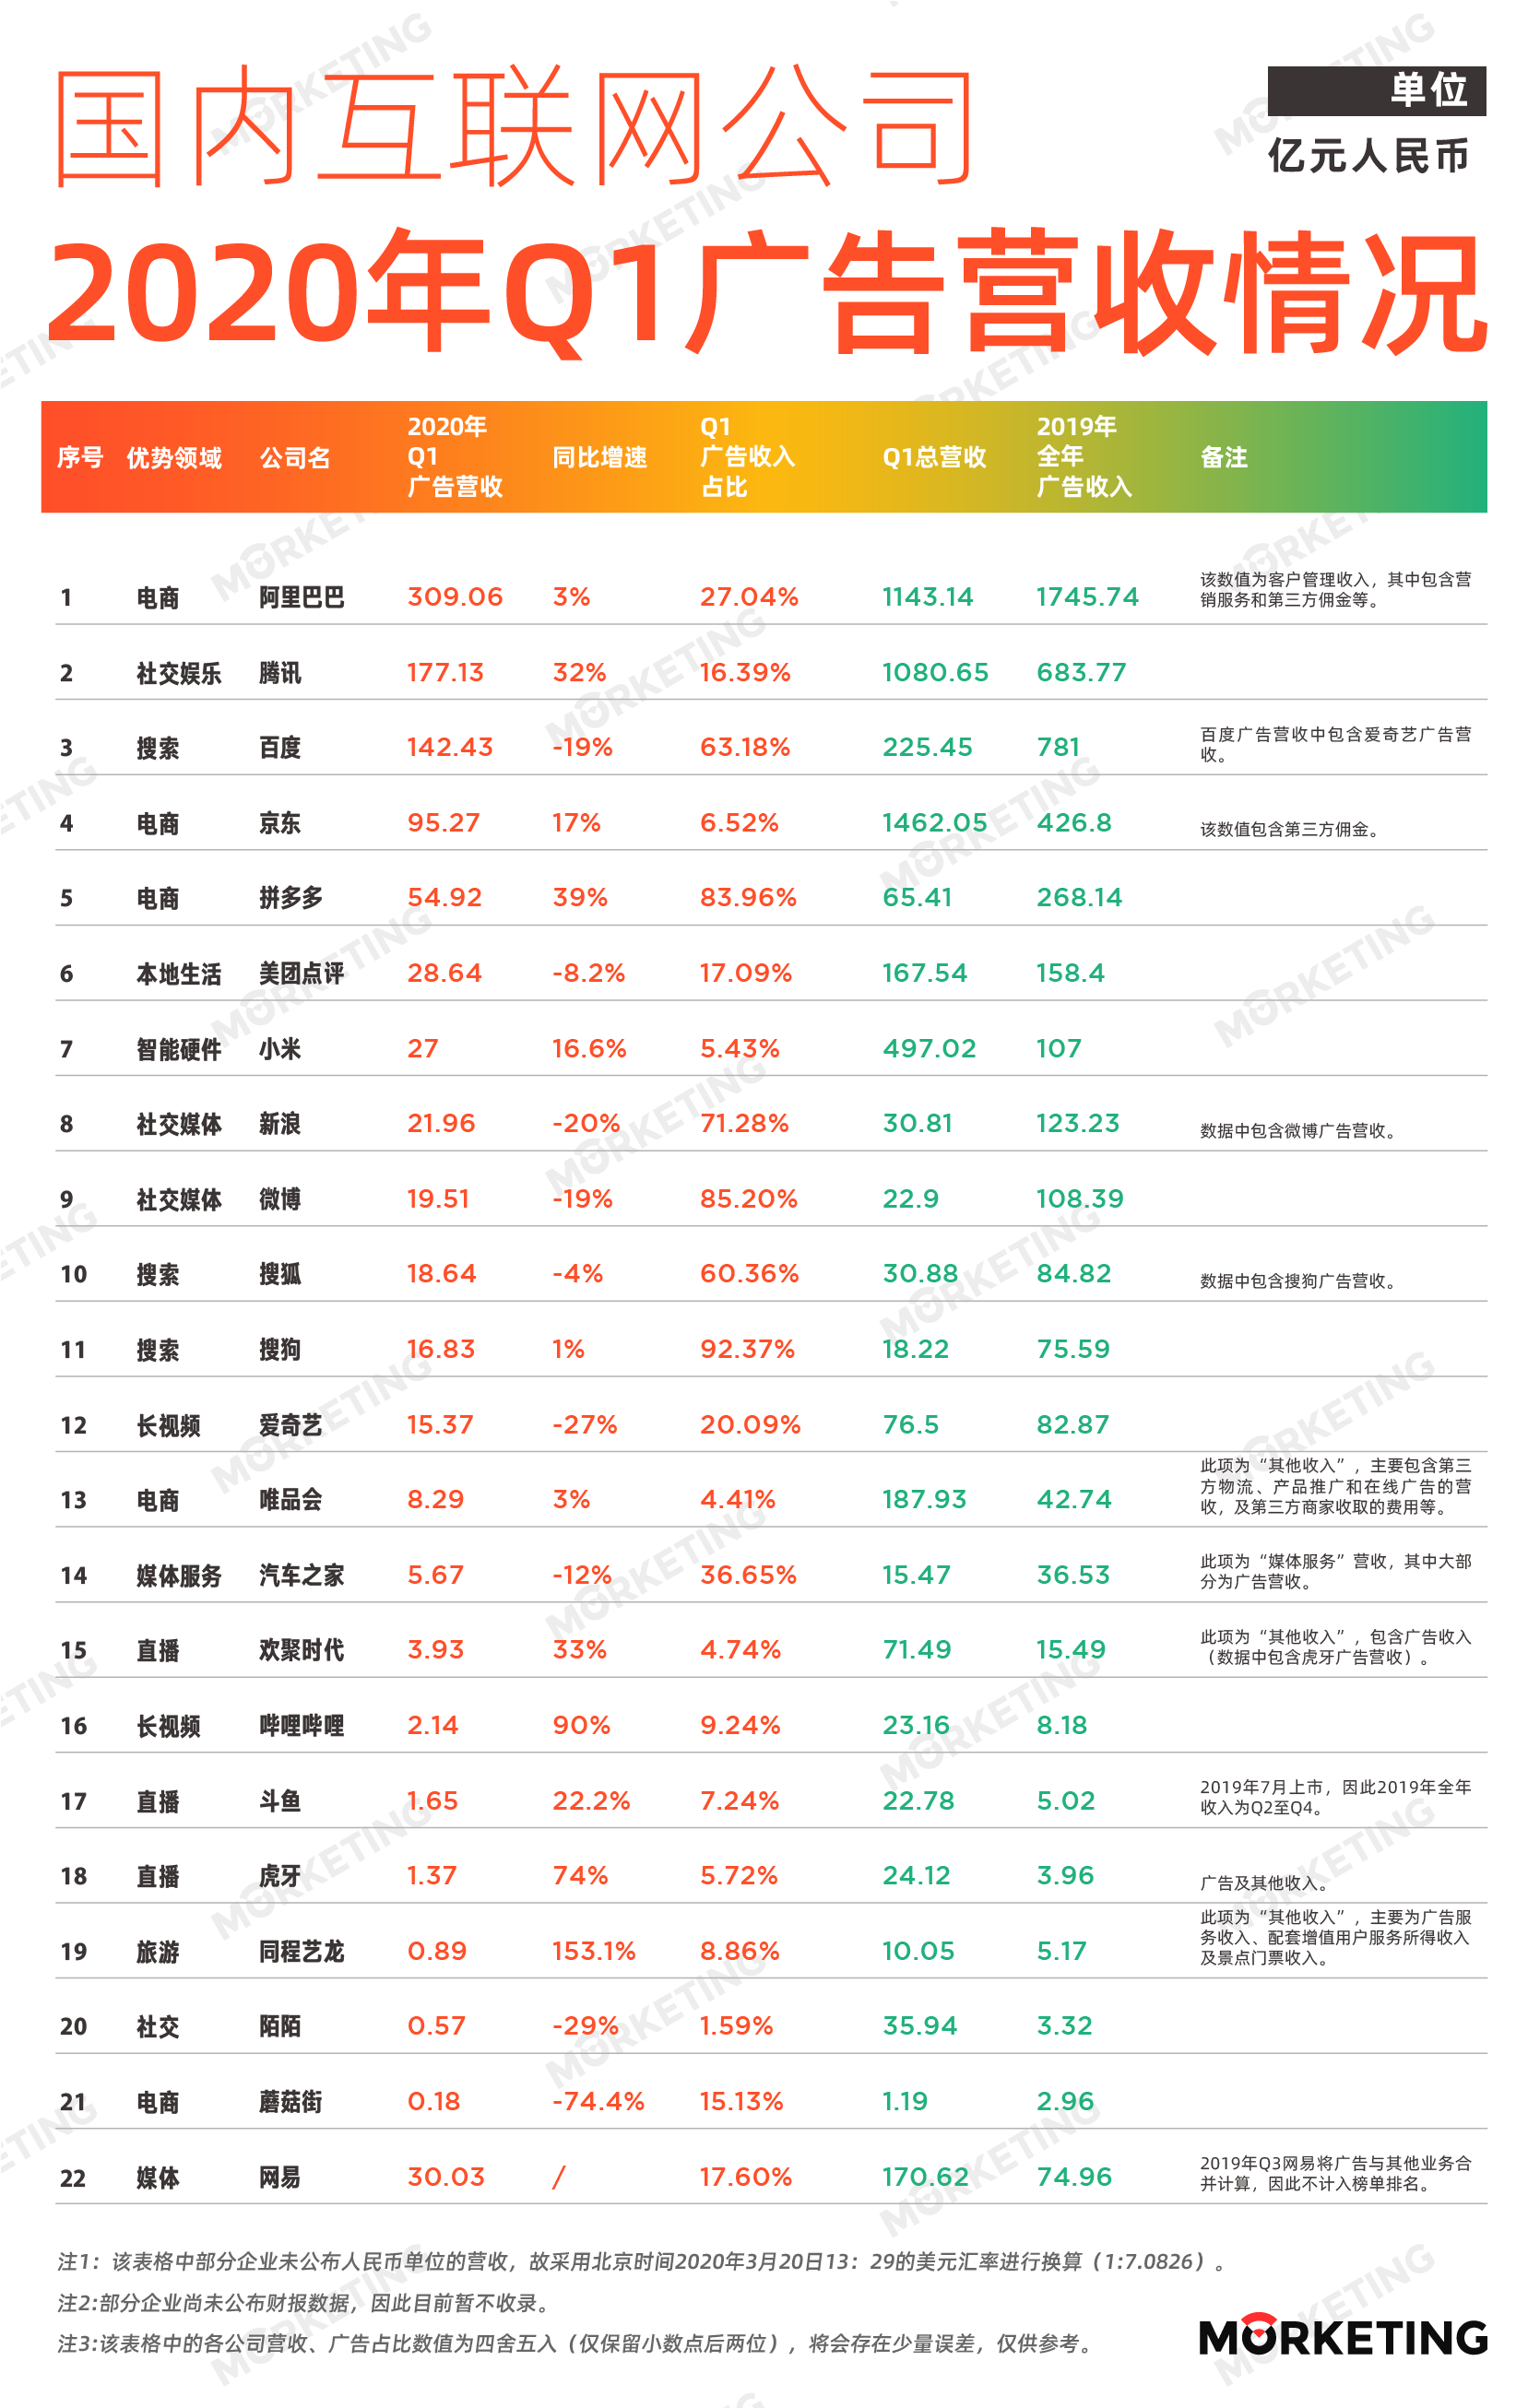 中国互联网公司广告收入榜 |2020年Q1